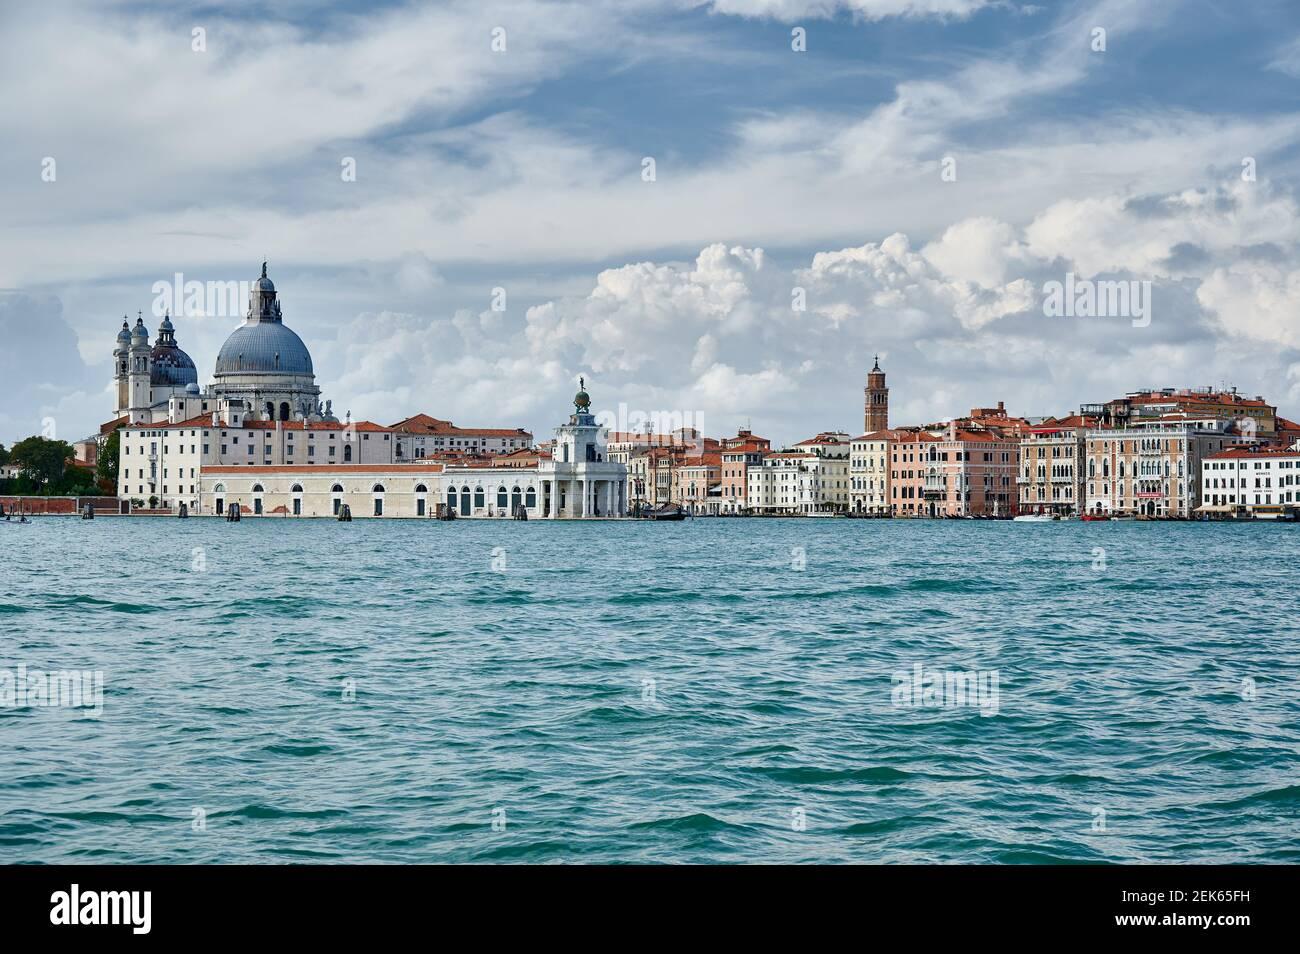 Blick von der Insel San Giorgio Maggiore auf die Basilica di Santa Maria della Salute und Punta della Dogana, Venedig, Venetien, Italien Stockfoto